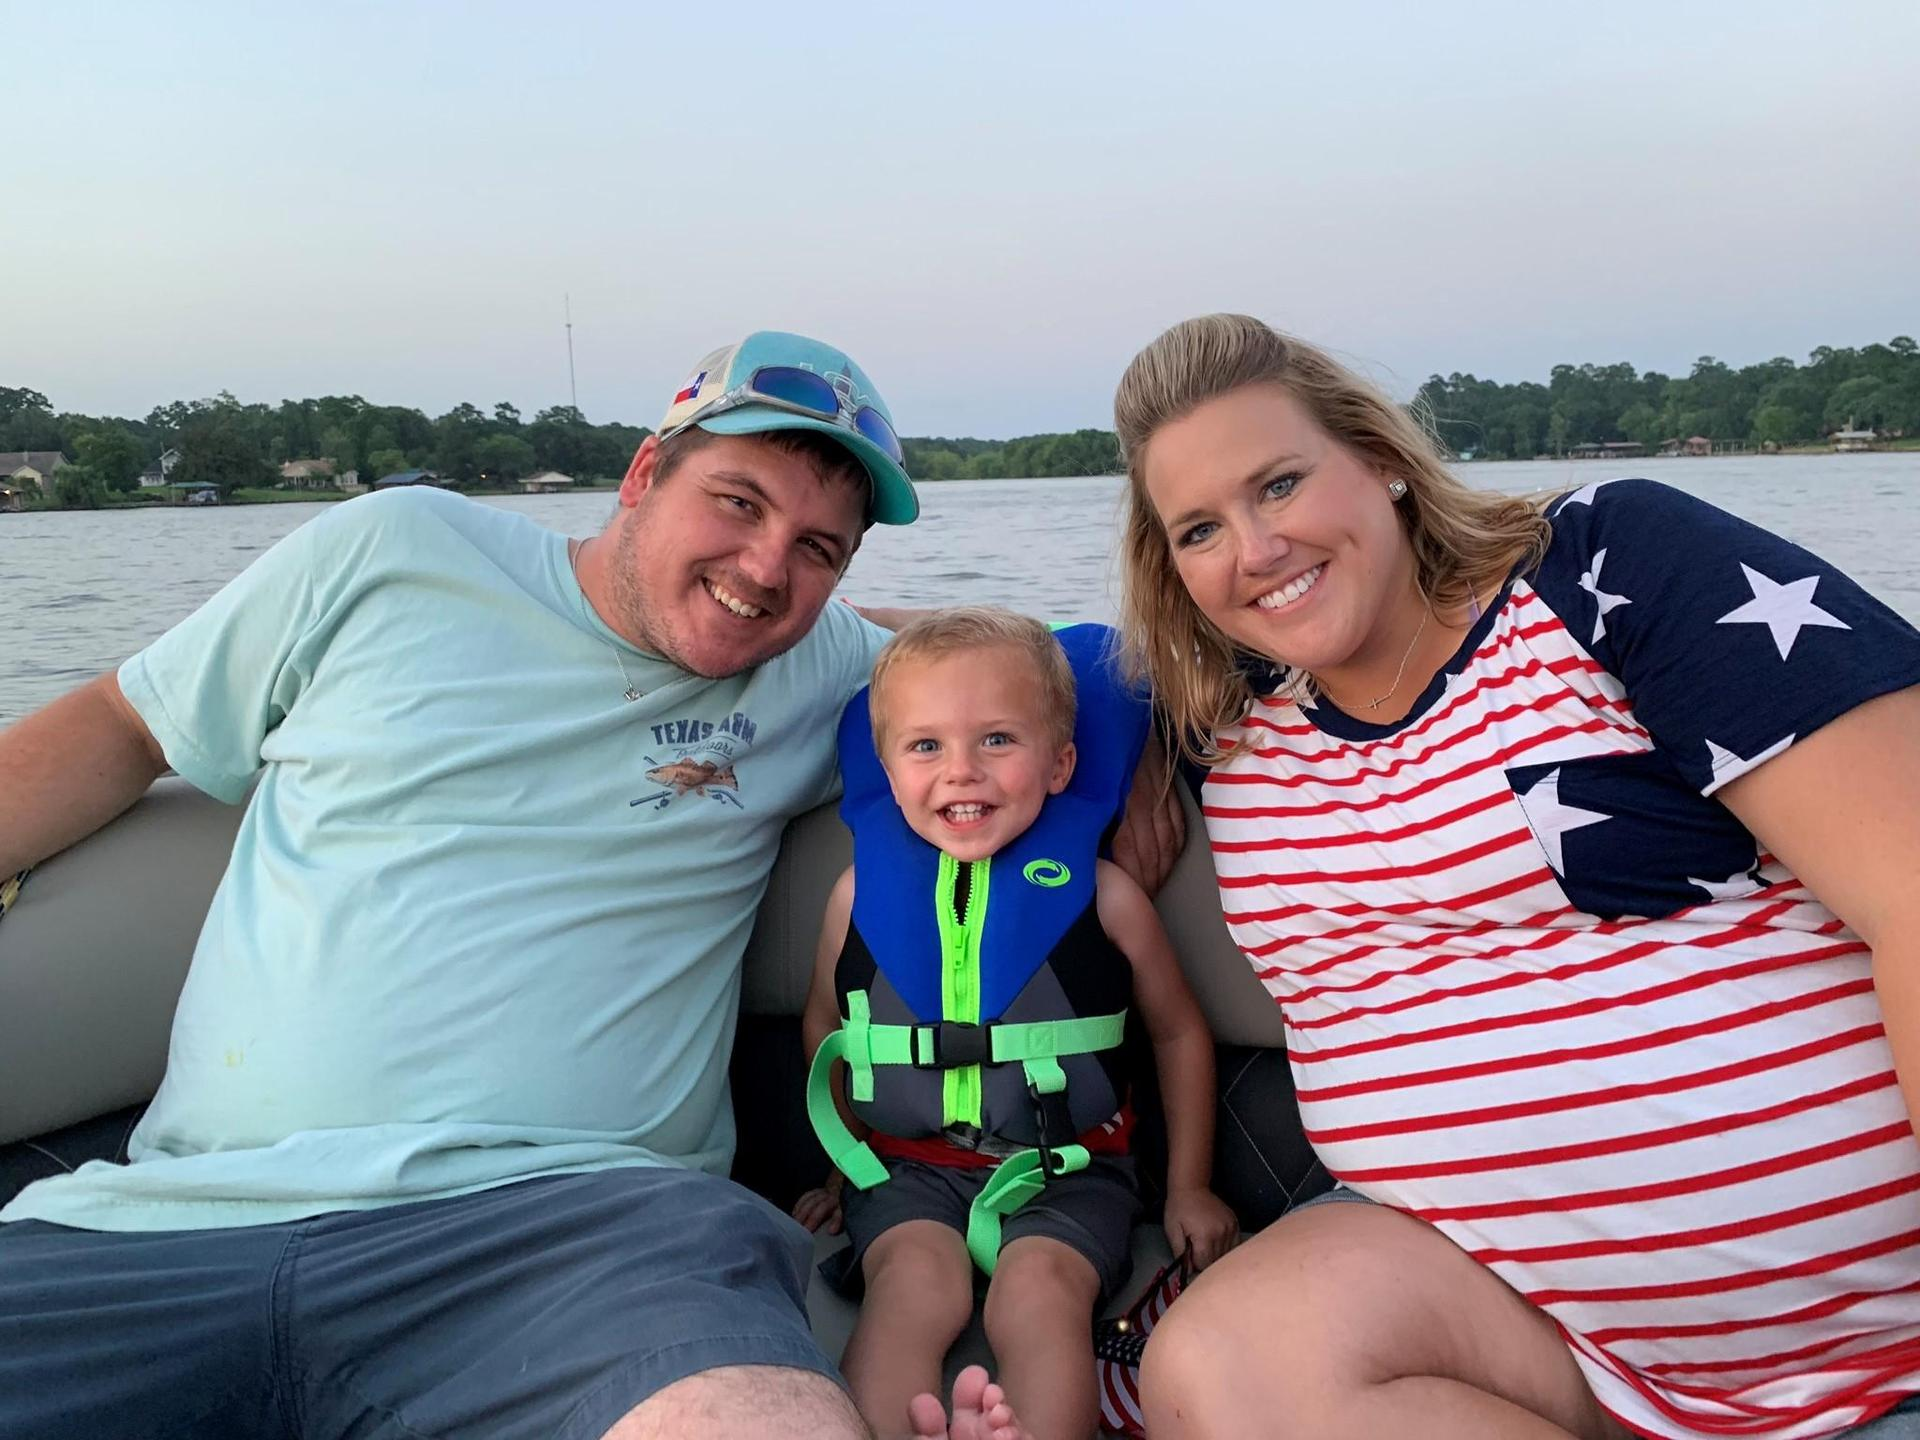 4th of July at the lake